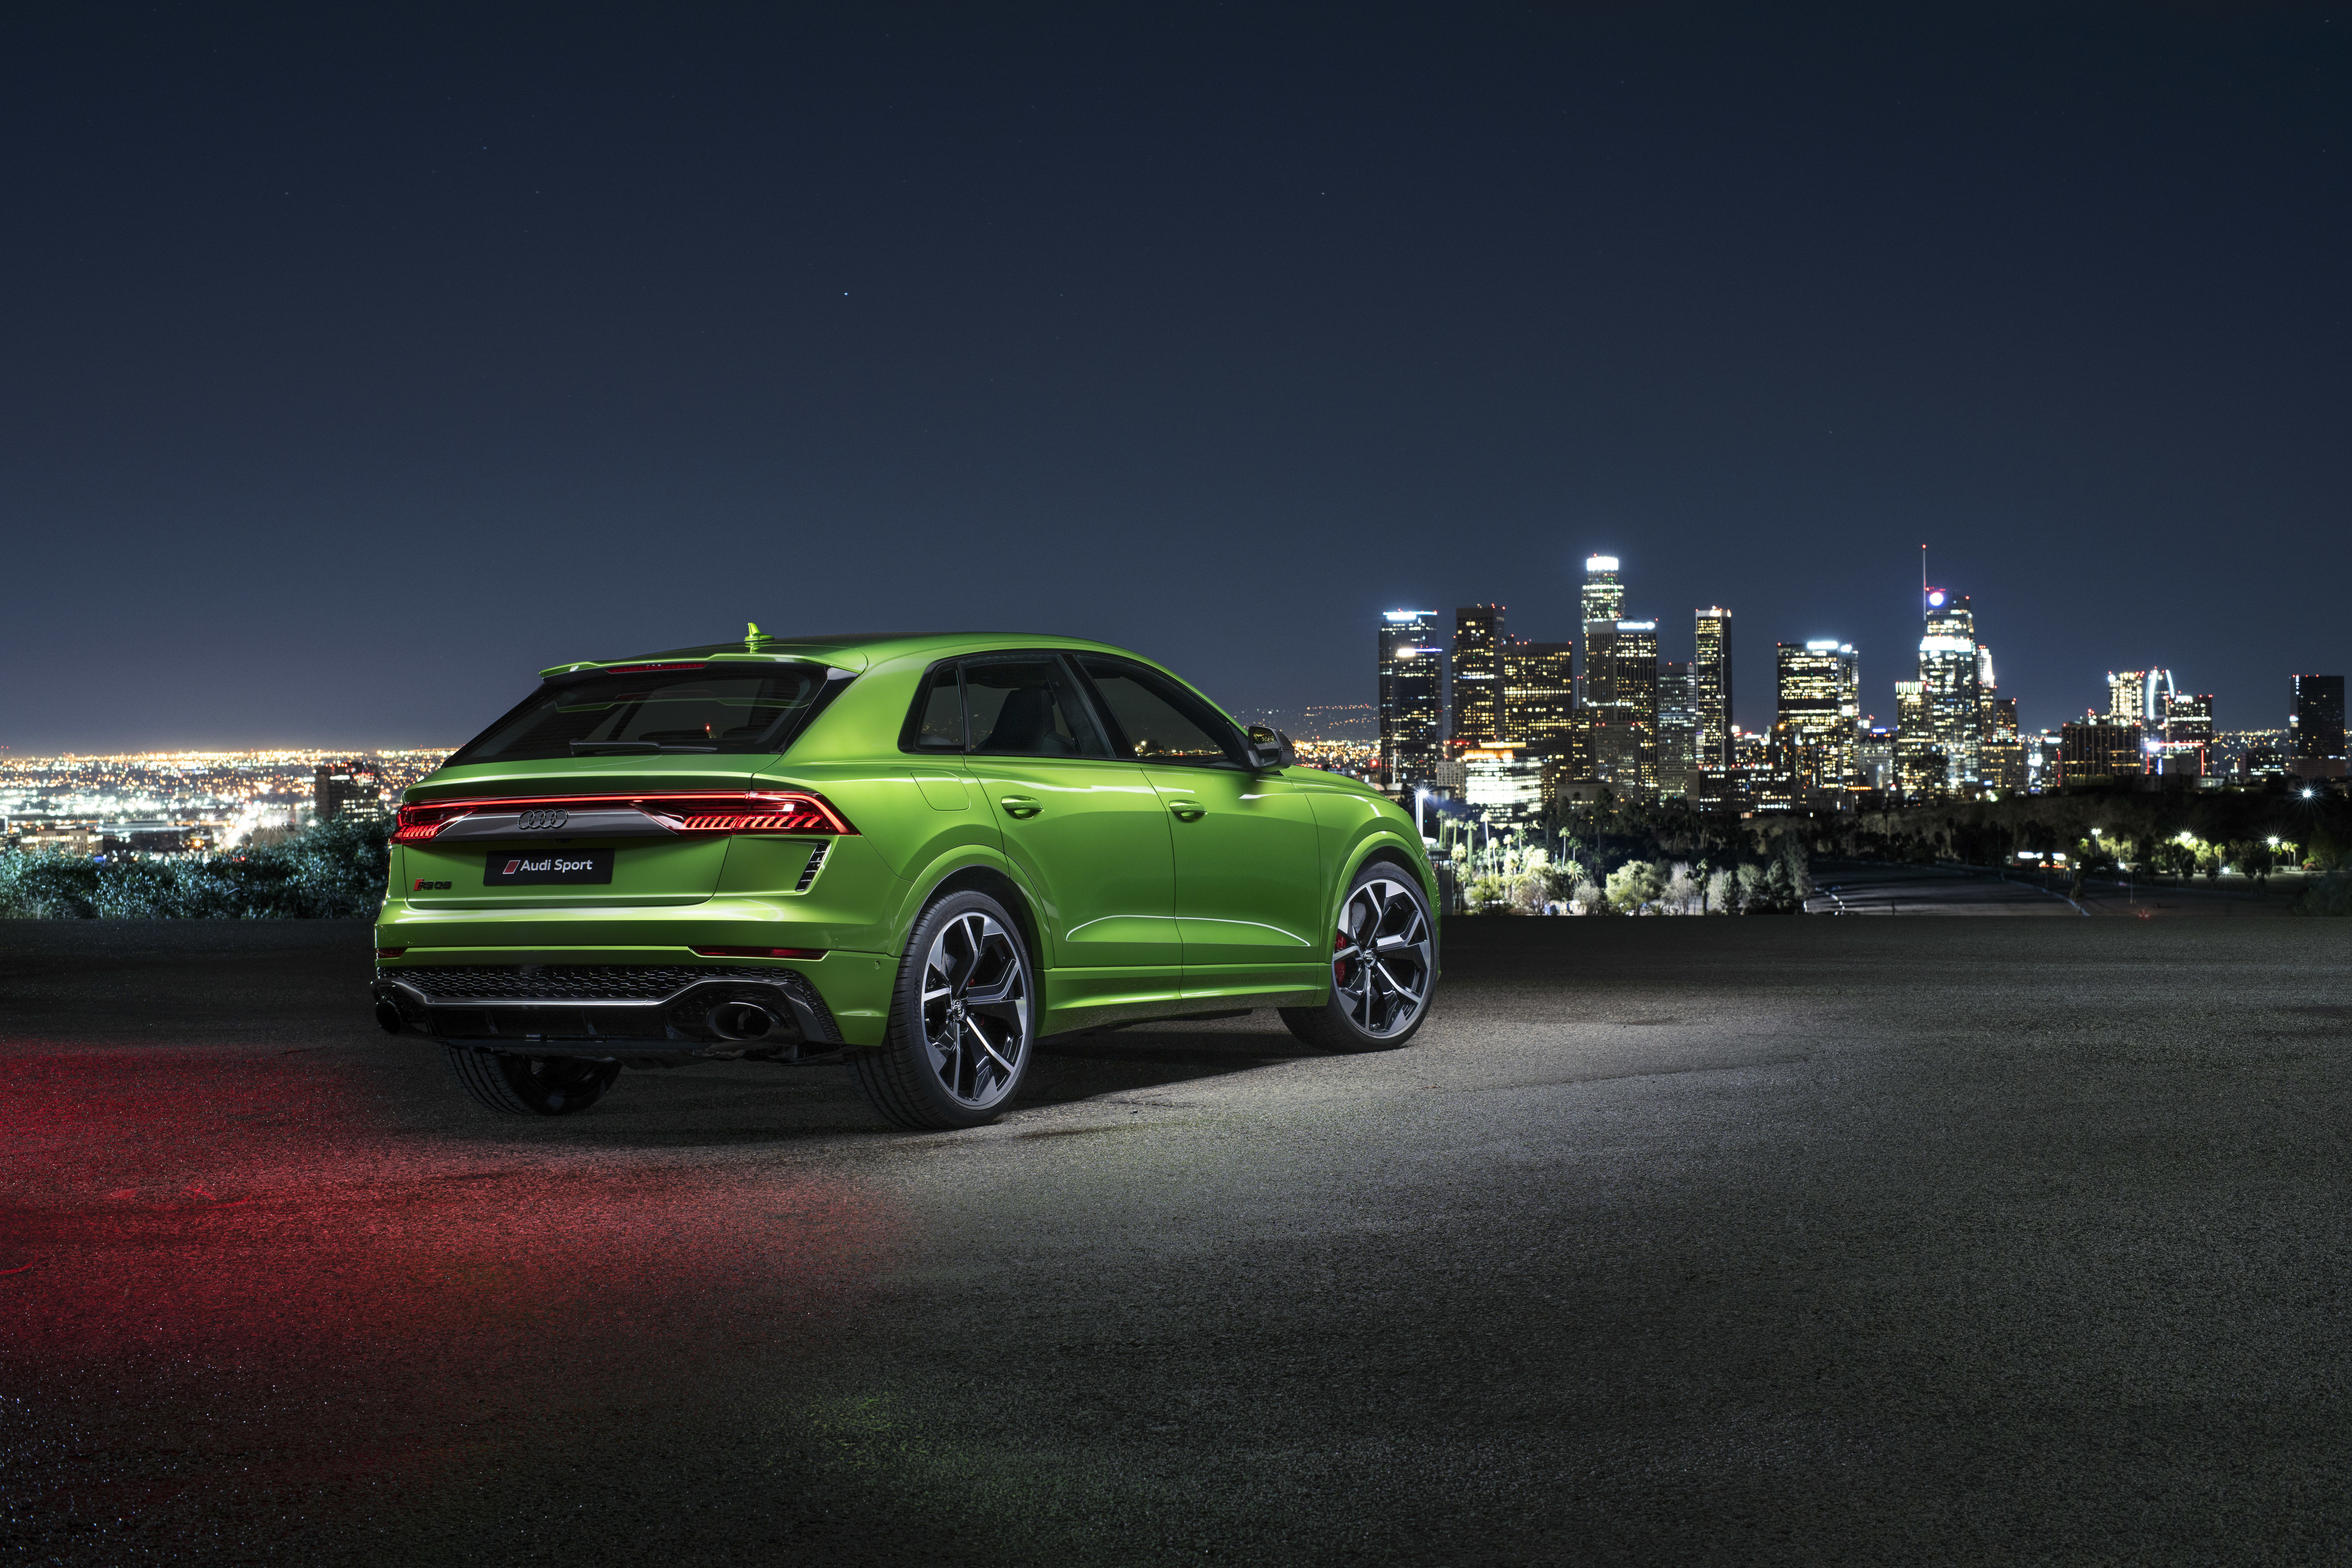 audi rs q8 2020 1577652463 - Audi RS Q8 2020 - Audi RS Q8 2020 4k wallpaper